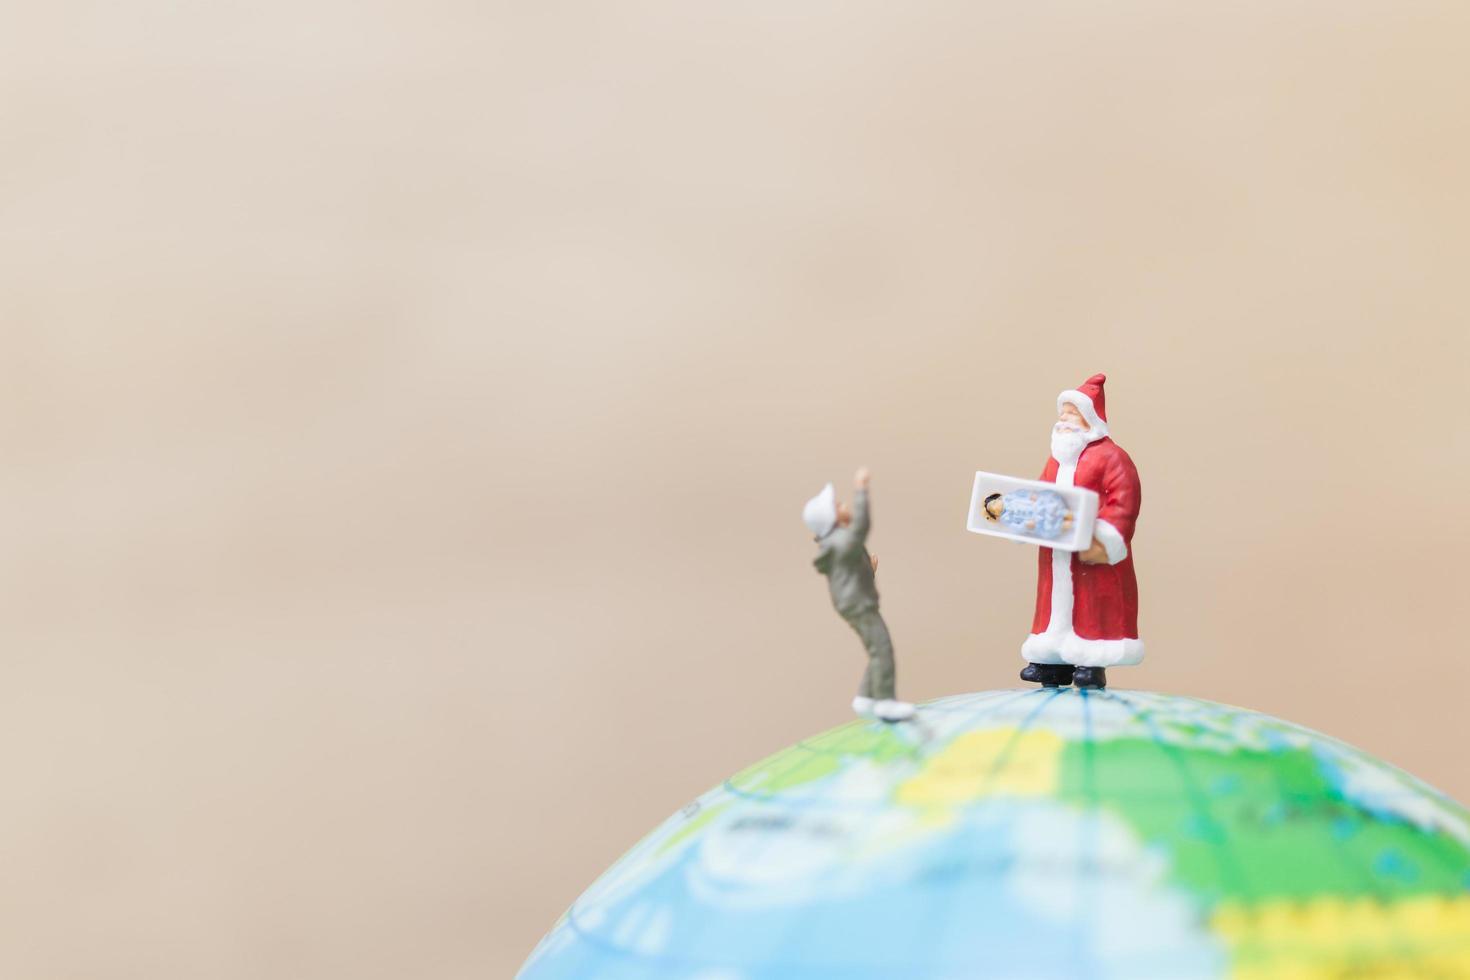 Miniatur-Weihnachtsmann, der Geschenke für Kinder auf einem Globus hält, frohe Weihnachtskonzept foto